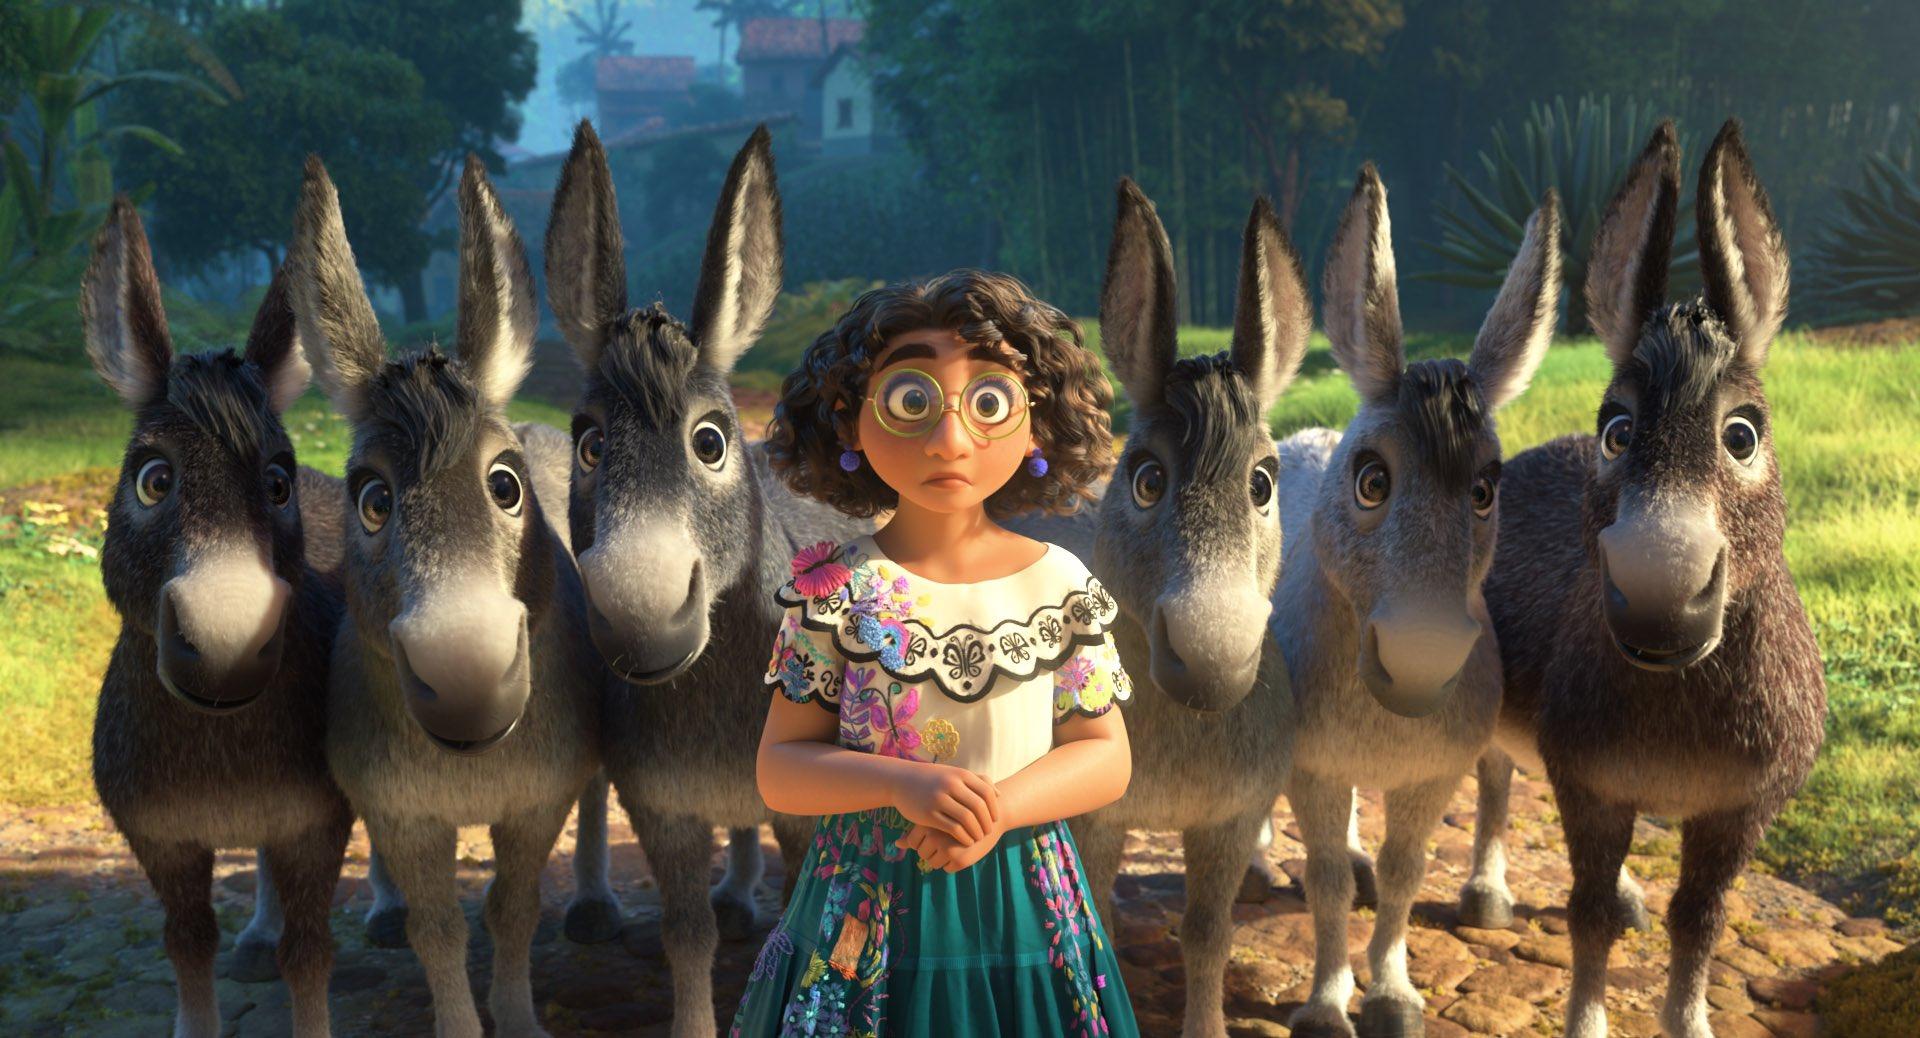 Encanto - La Fantastique Famille Madrigal [Walt Disney - 2021] - Page 6 FBmJLg8X0AAK2tm?format=jpg&name=large